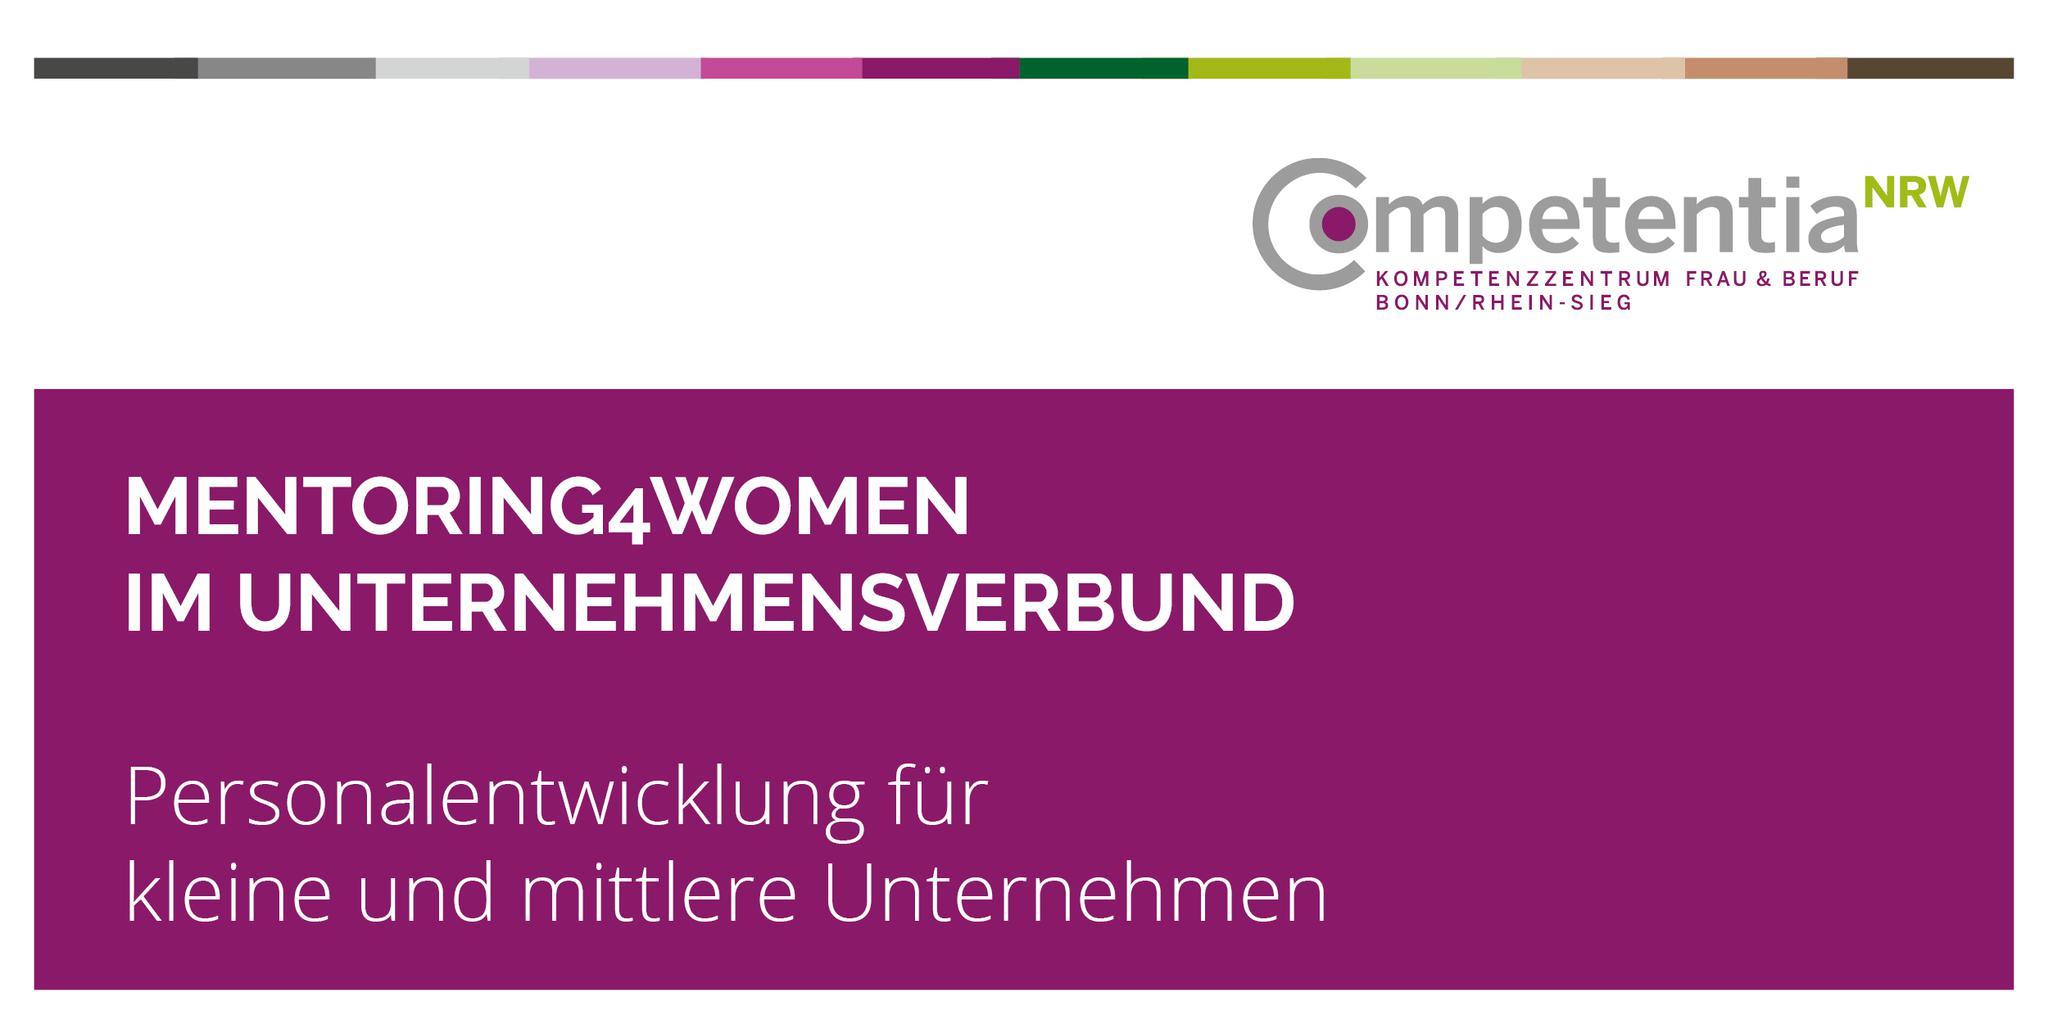 Kompetenzzentrum Frau und Beruf Bonn/Rhein-Sie